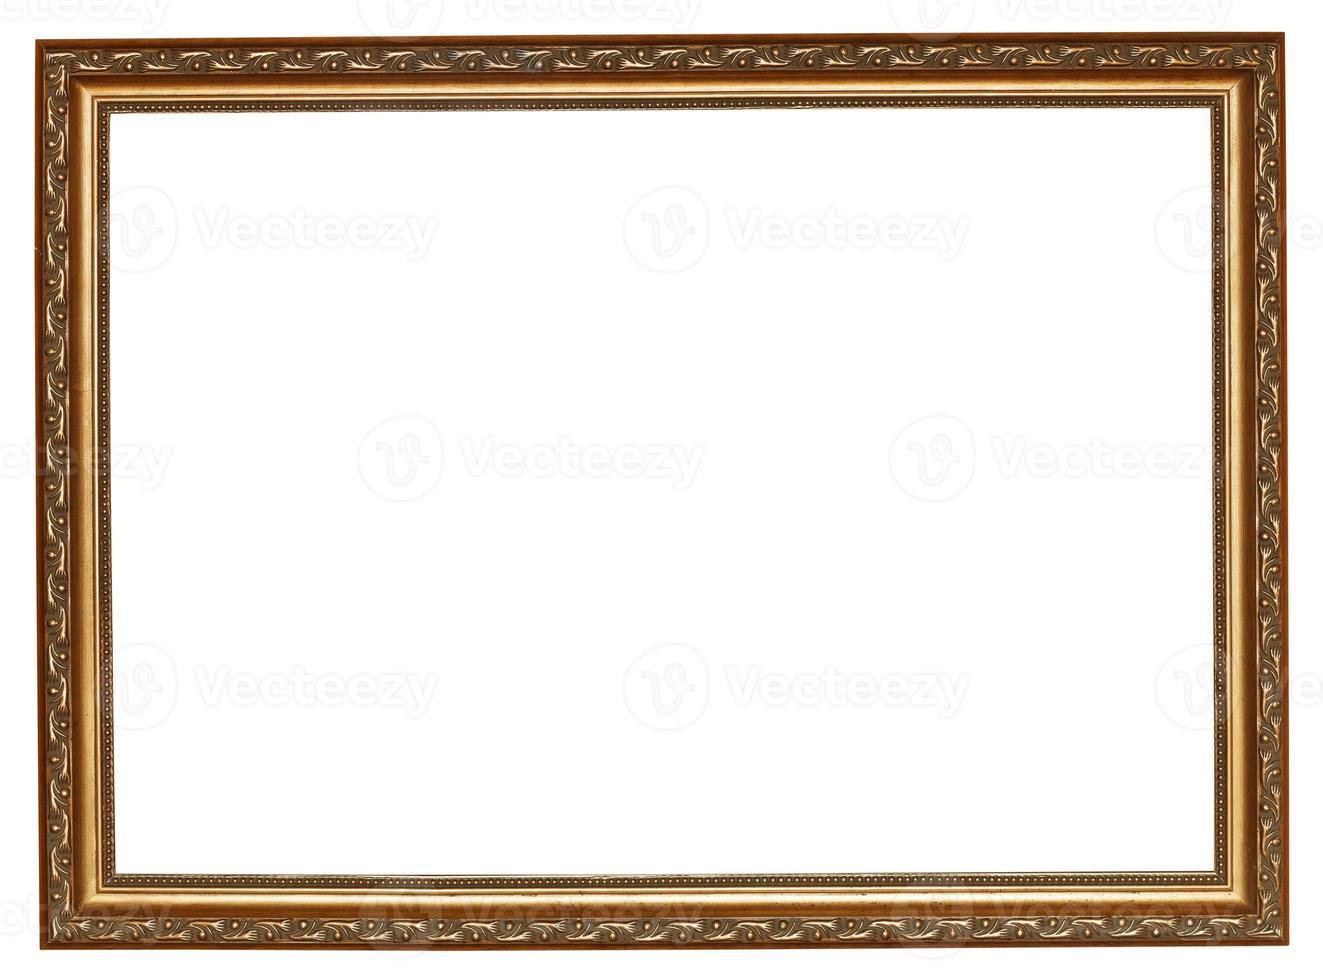 moldura estreita de madeira dourada foto